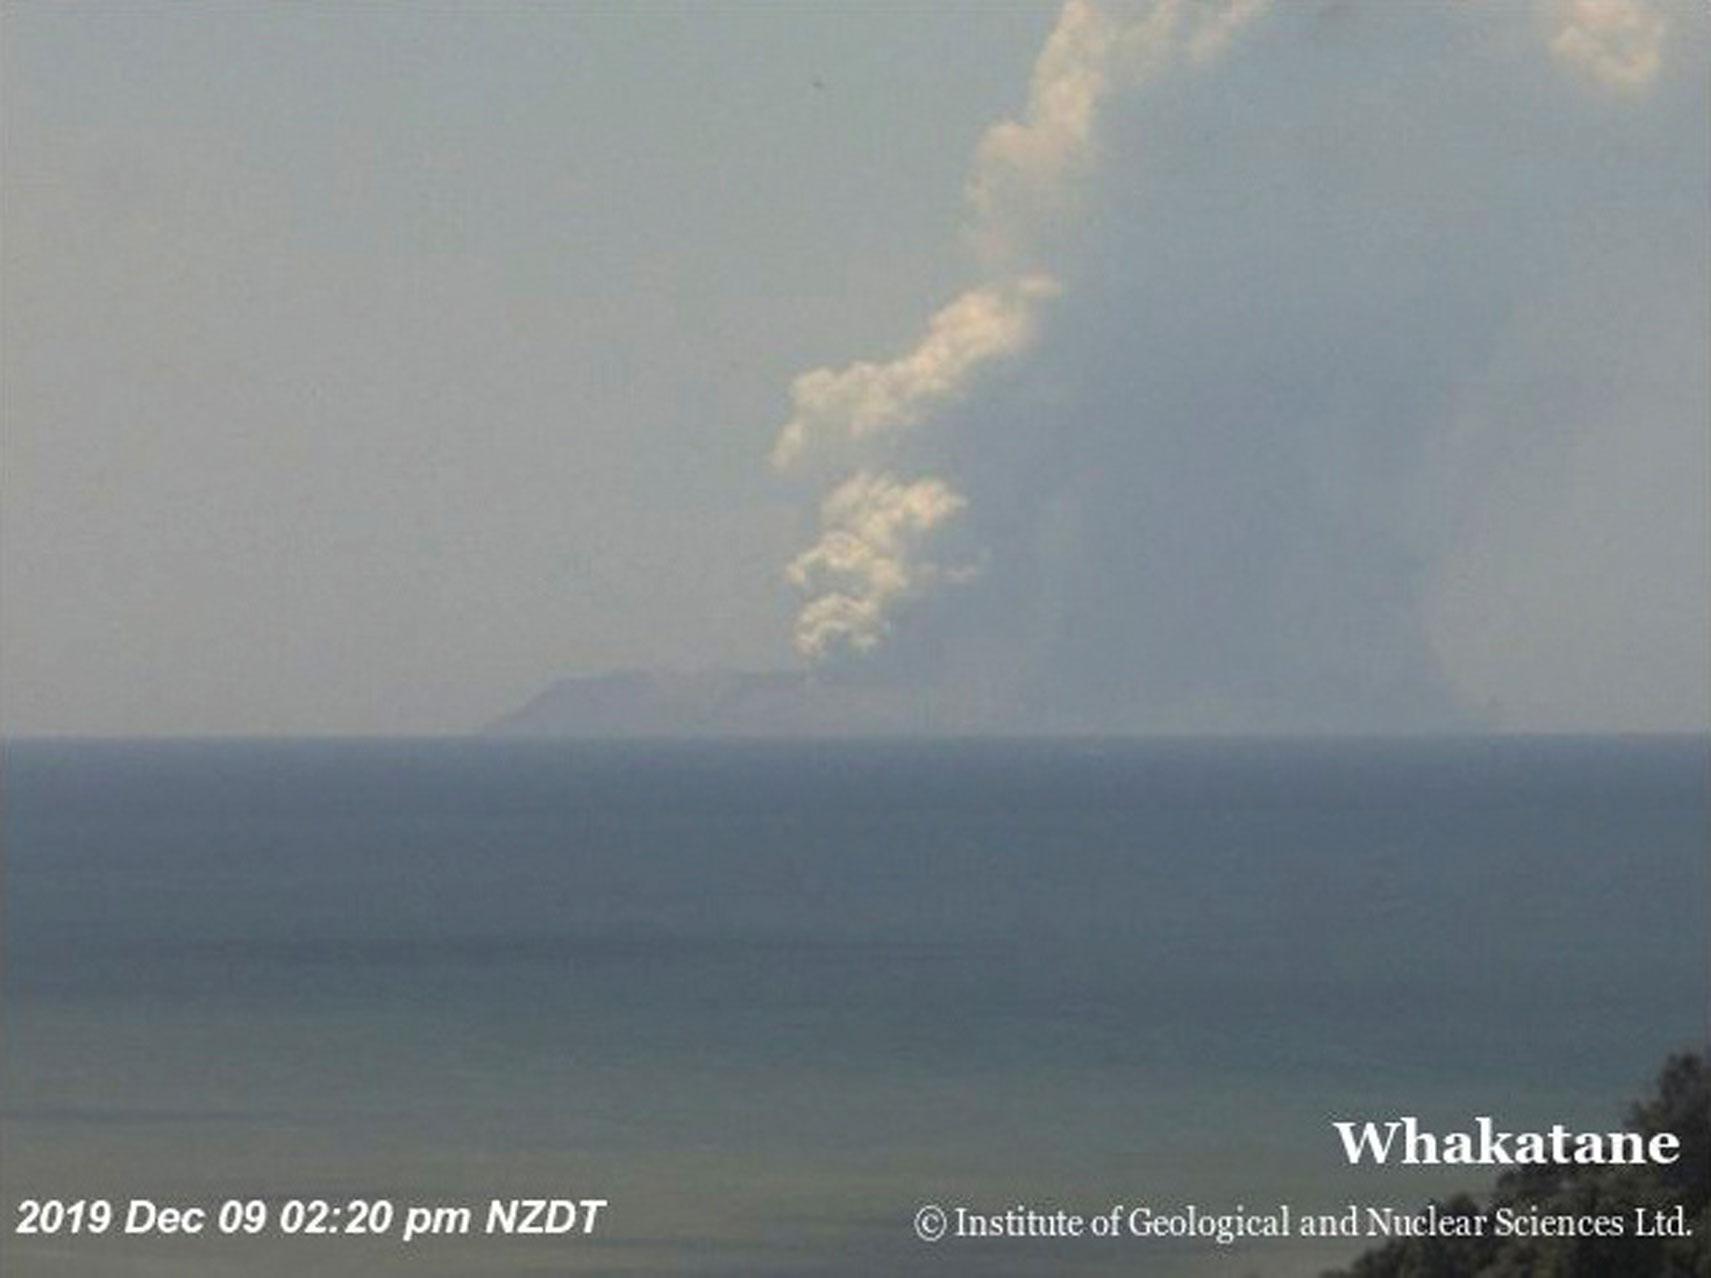 Νέα Ζηλανδία: Τρόμος από έκρηξη ηφαιστείου! Πολλοί τραυματίες και αγνοούμενοι